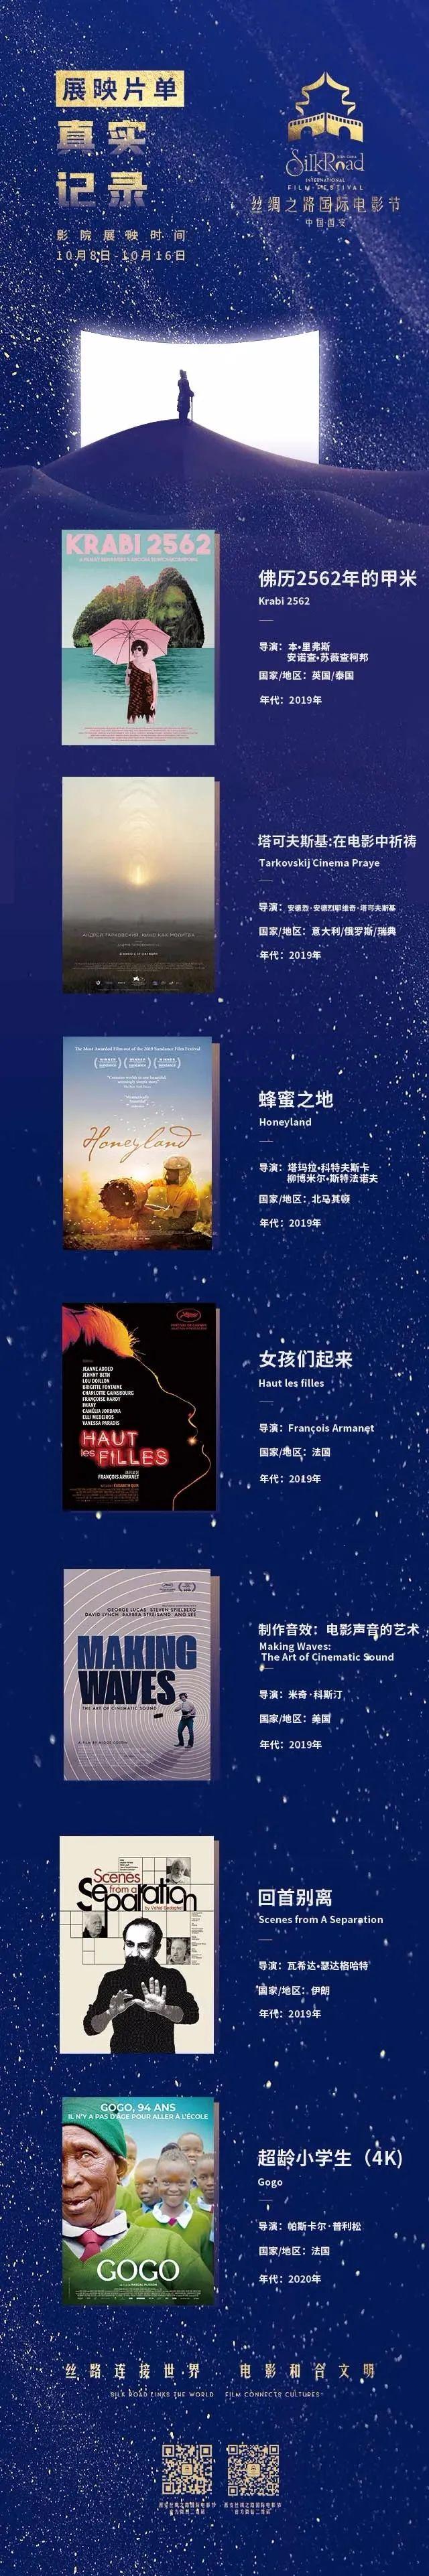 500余部影片,100余位明星,丝路国际电影节今日启幕